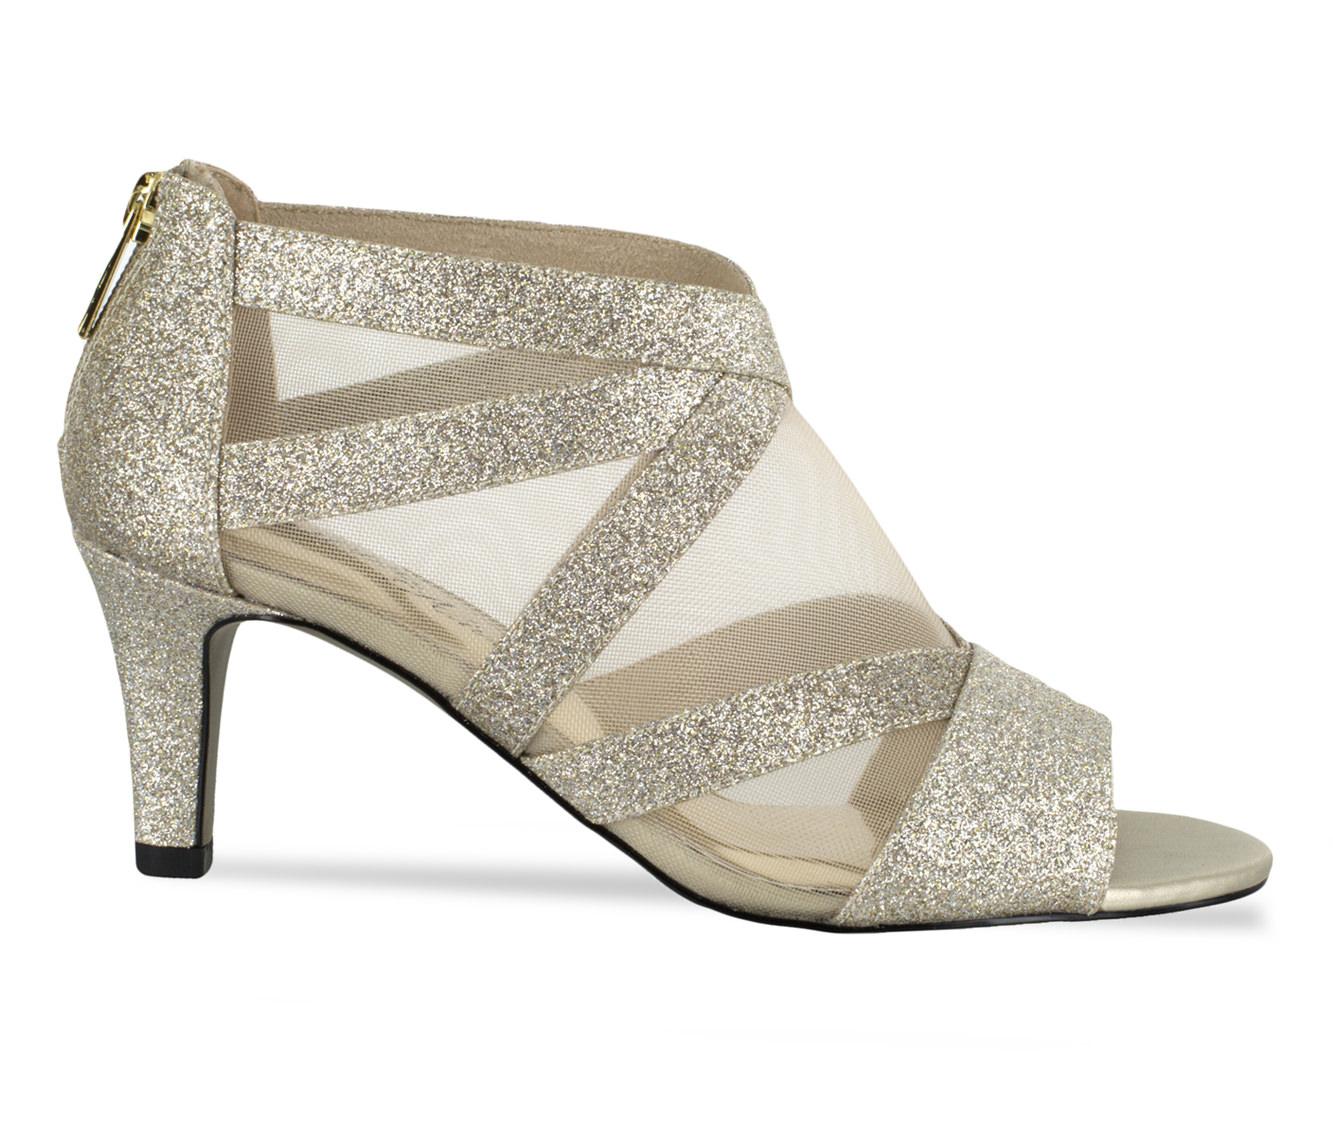 Easy Street Dazzle Women's Dress Shoe (Gold Faux Leather)